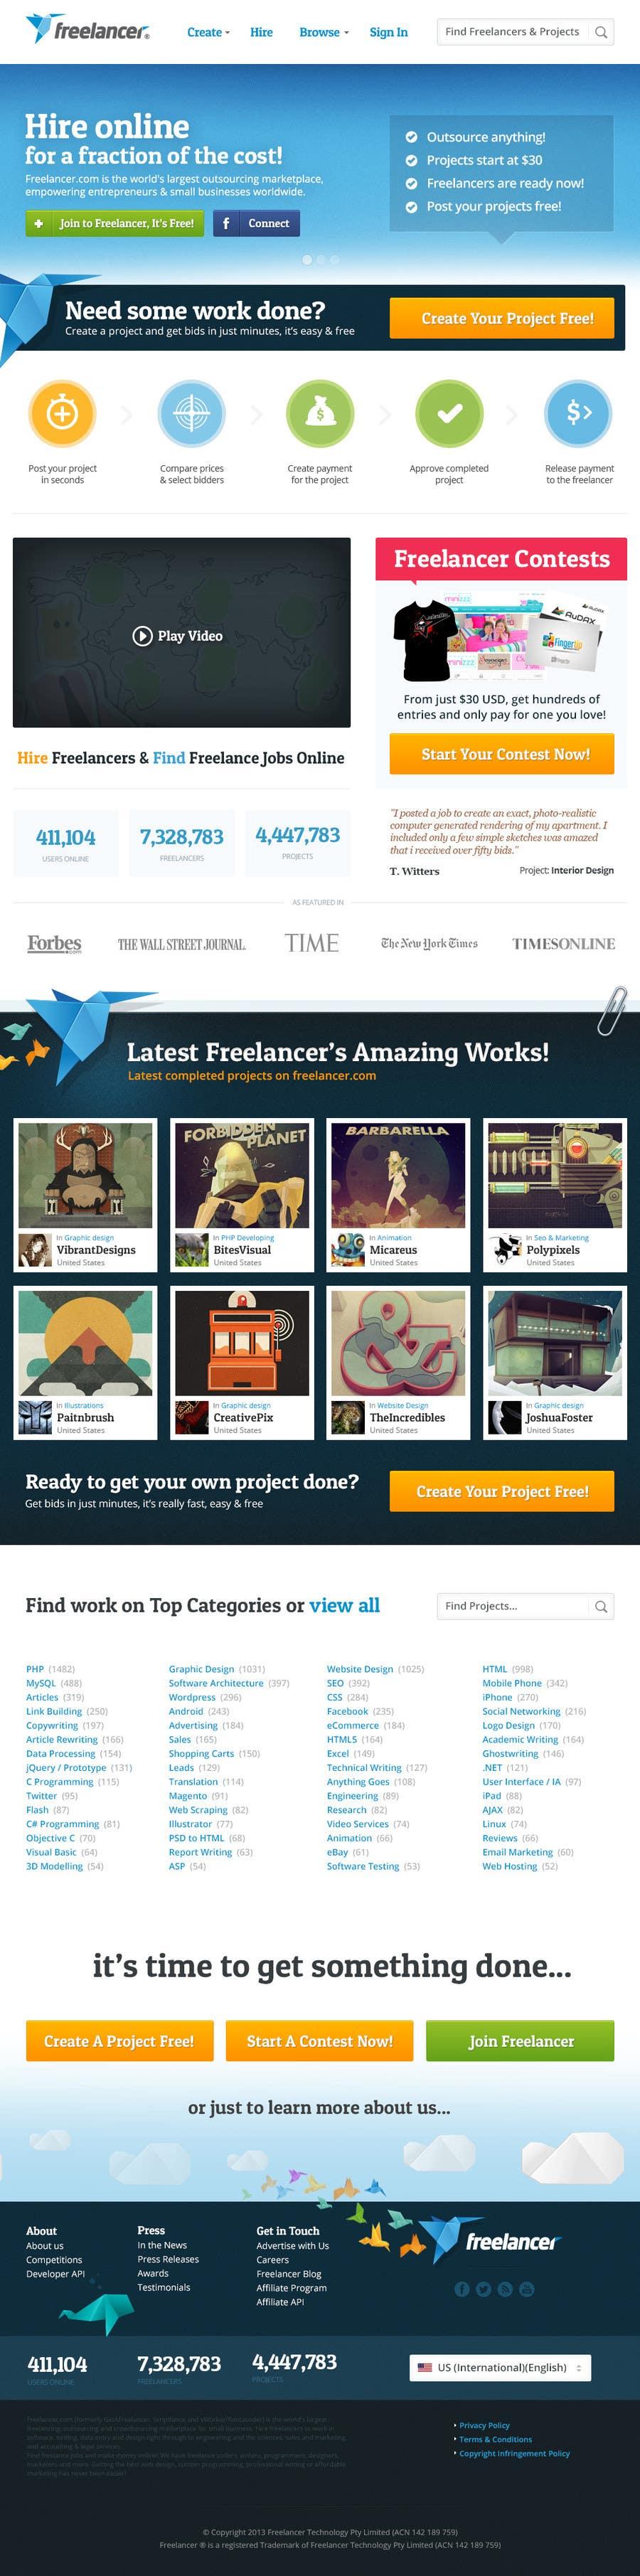 Website Design Contest Entry #265 for Freelancer.com contest! Design our Homepage!